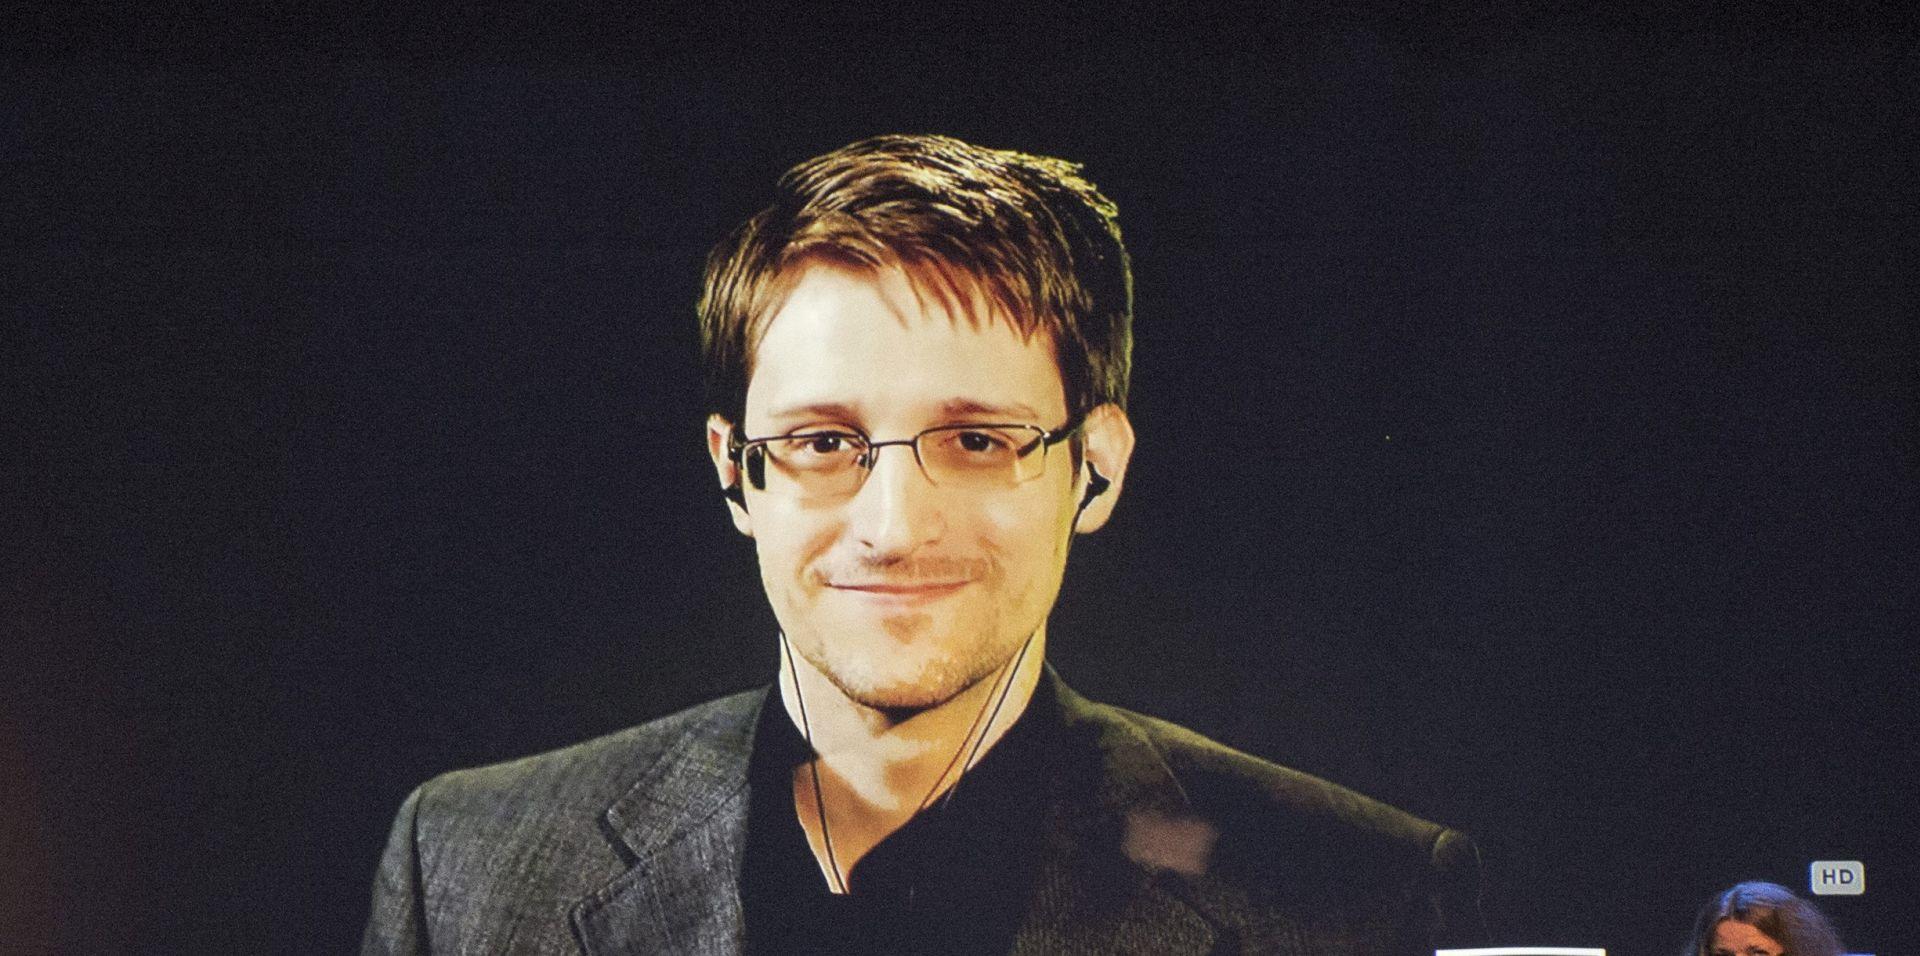 IGNORIRAJU GA: Snowden se želi dobrovoljno predati SAD-u